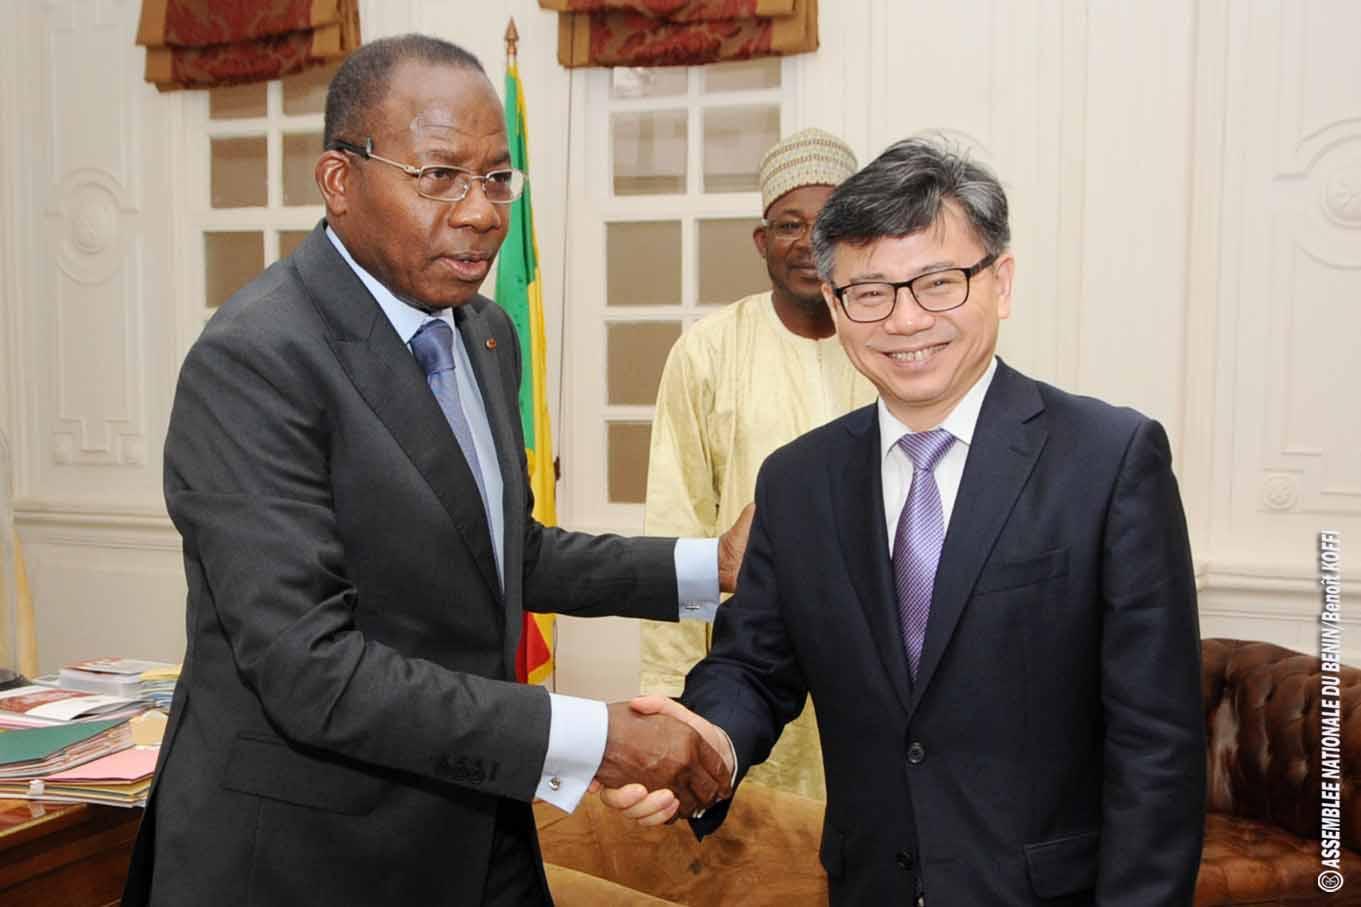 L'Ambassadeur de Chine près le Bénin SEM PENG Jiangtao reçu en Audience par le Président Adrien Houngbedji